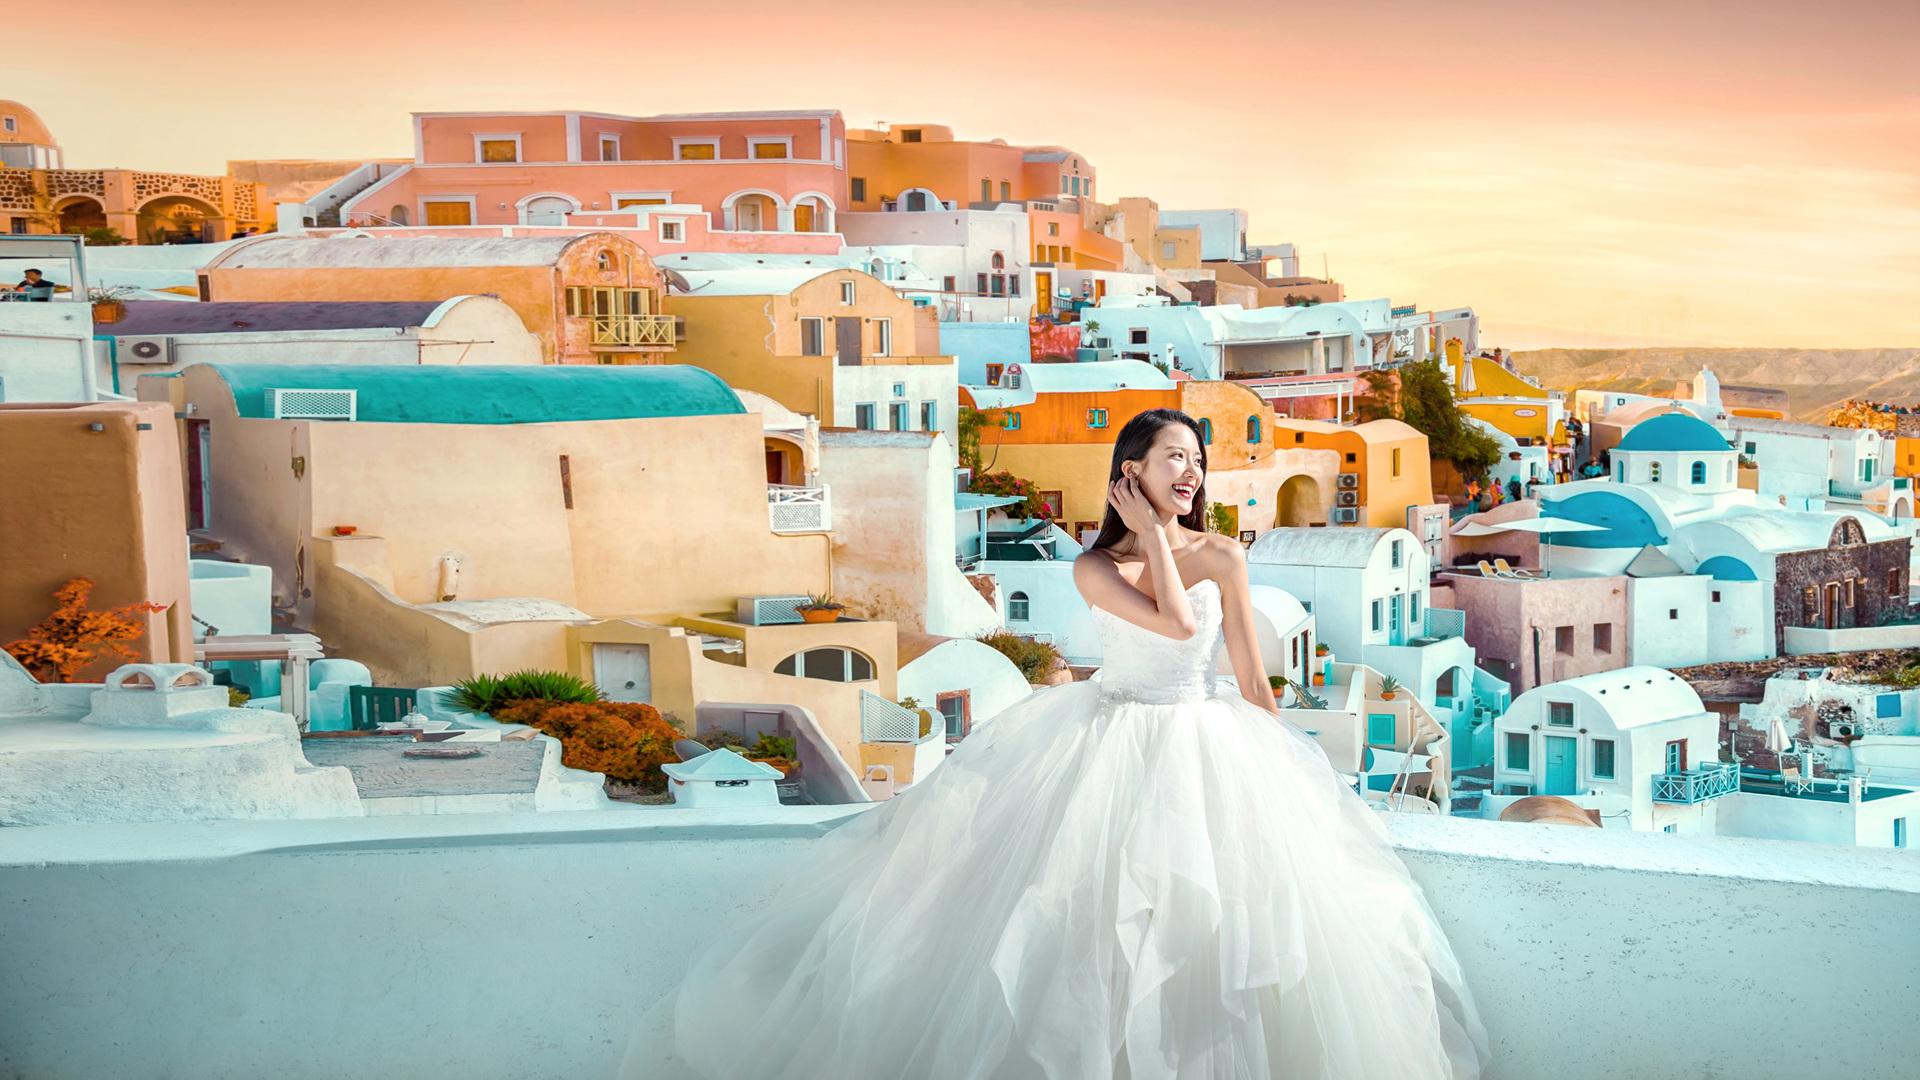 旅拍婚纱照必带装备哪些 厦门旅拍婚纱照准备事项分享 有哪些需要提前准备